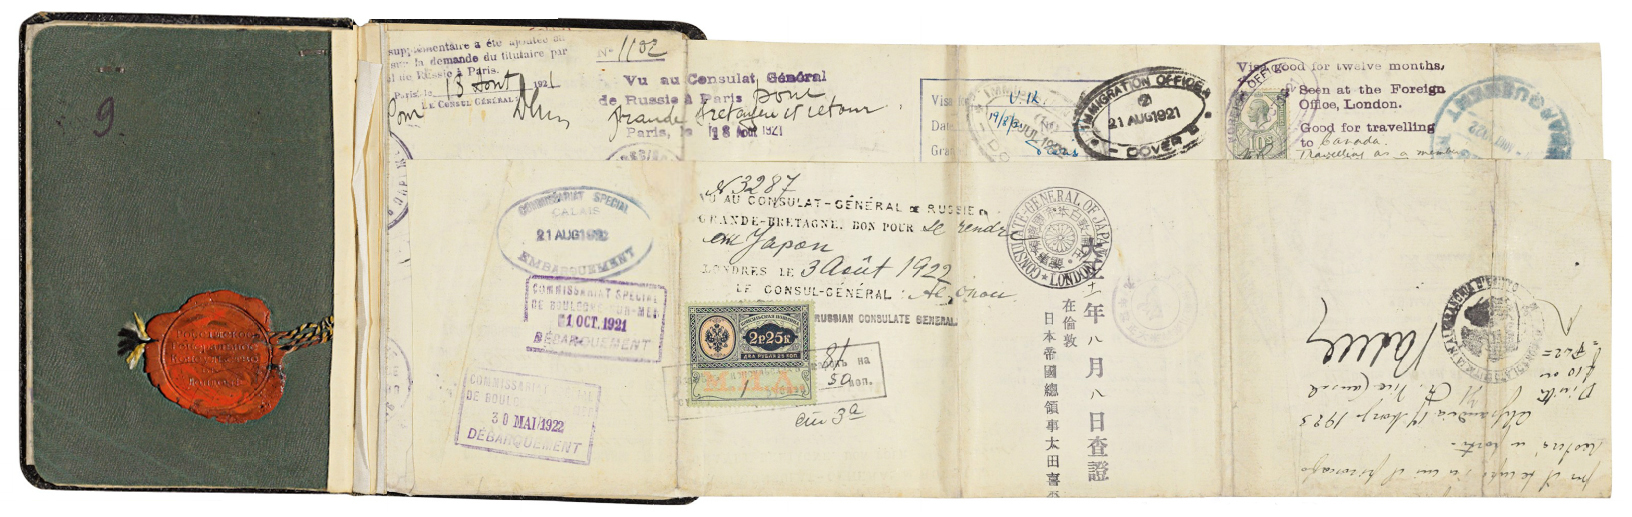 Паспорт Анны Павловой (внутри)